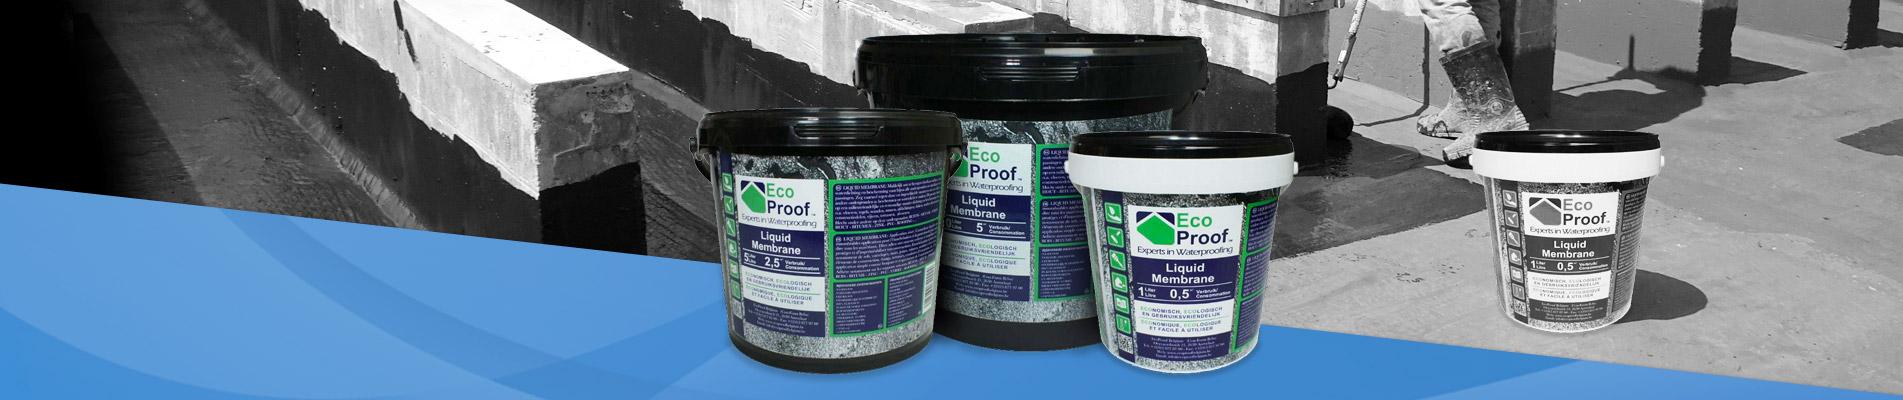 EcoProof vloeibaar rubber